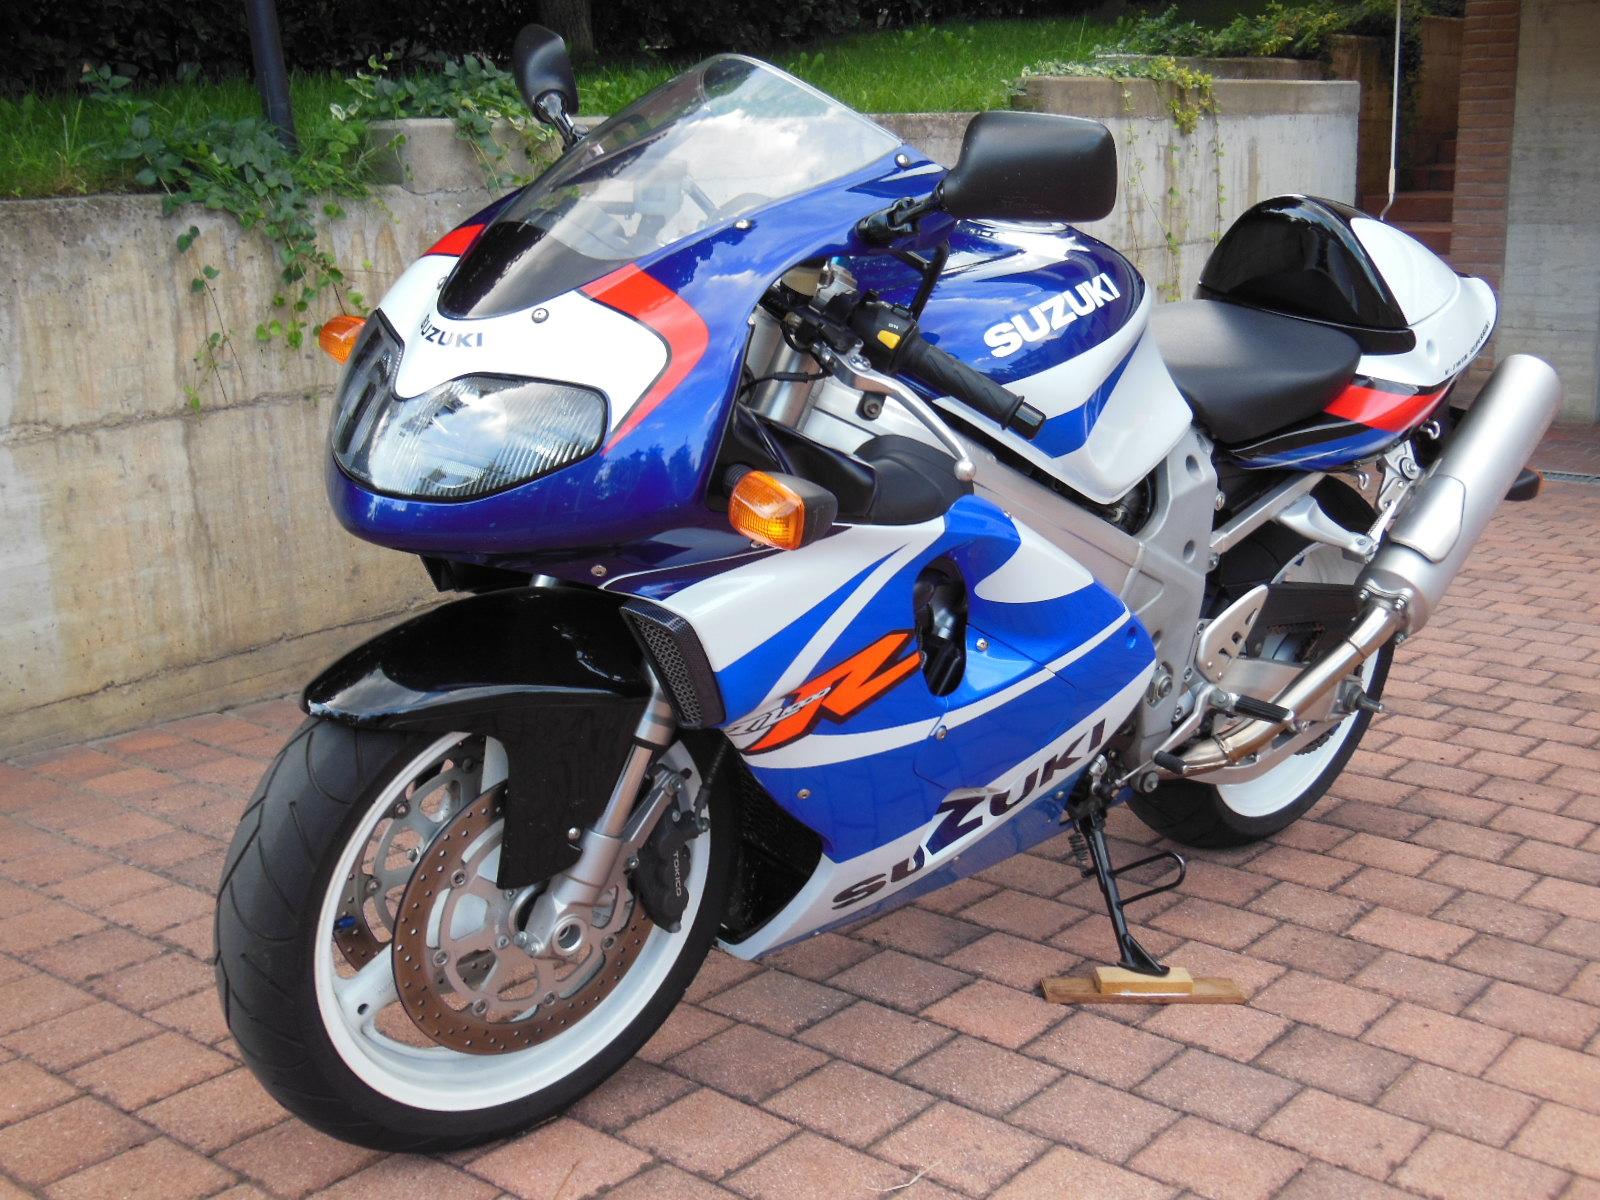 TLR from Italy-dscn6506.jpg